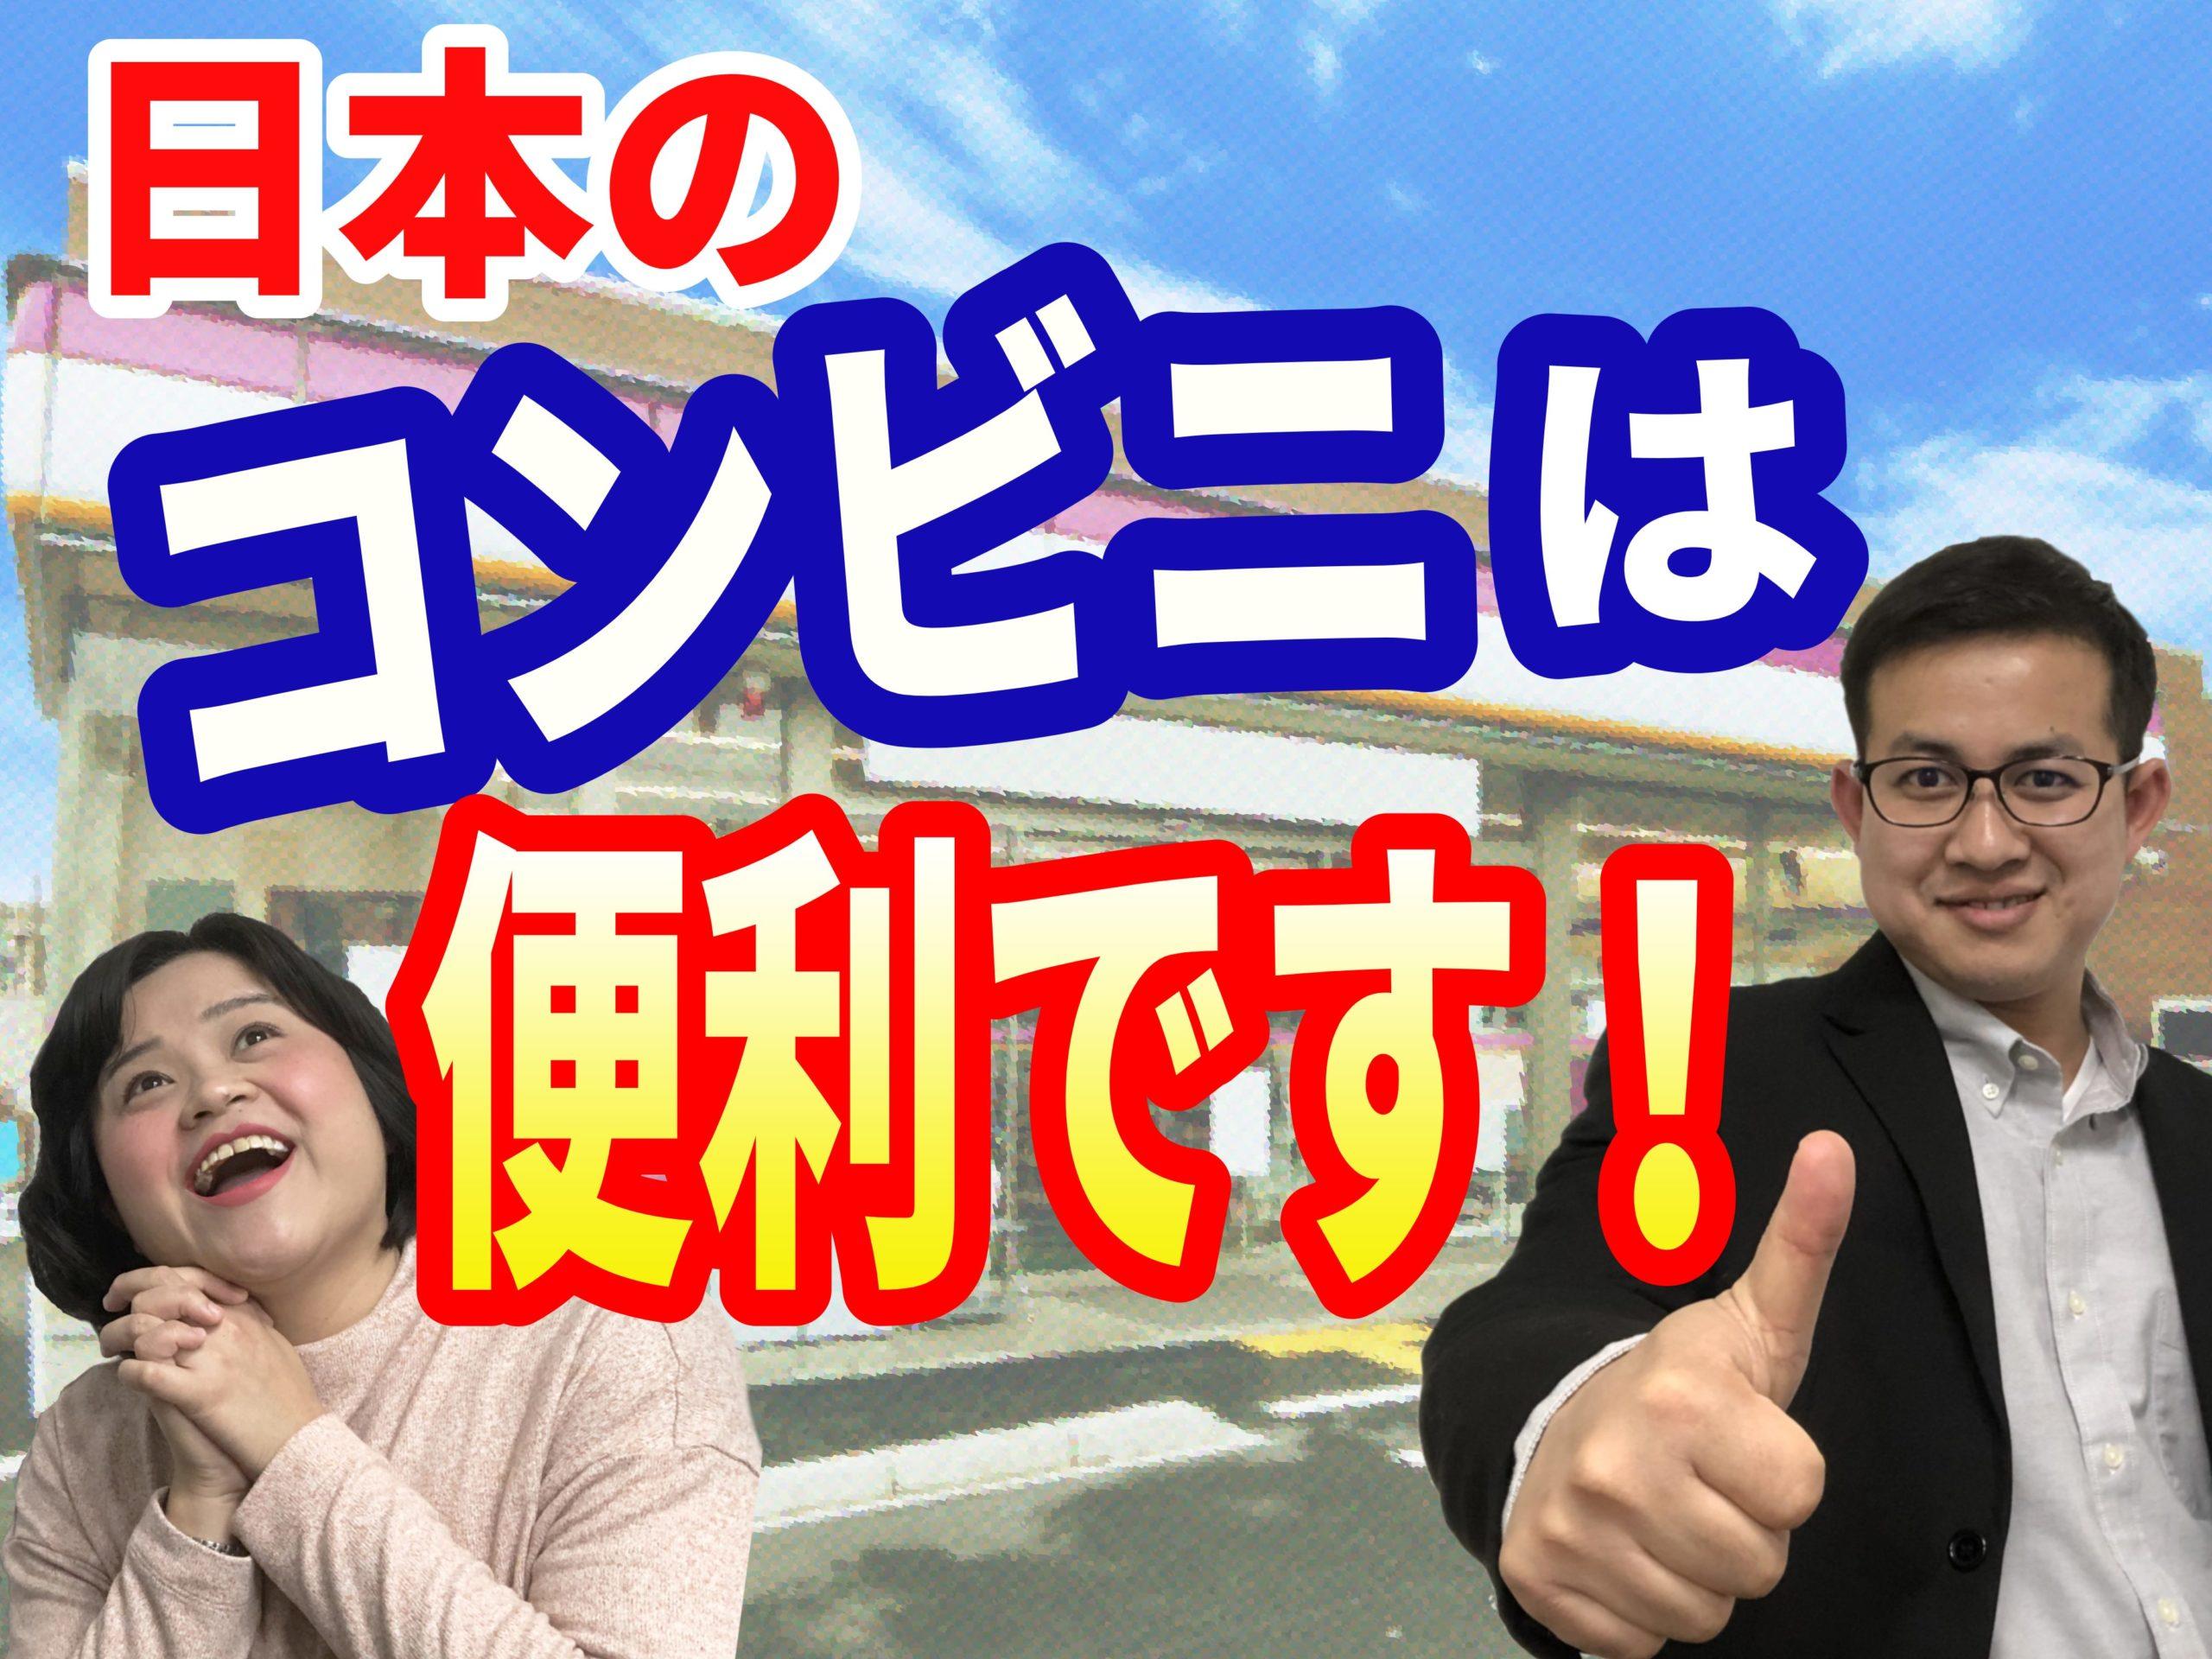 日本のコンビニはとても便利です。